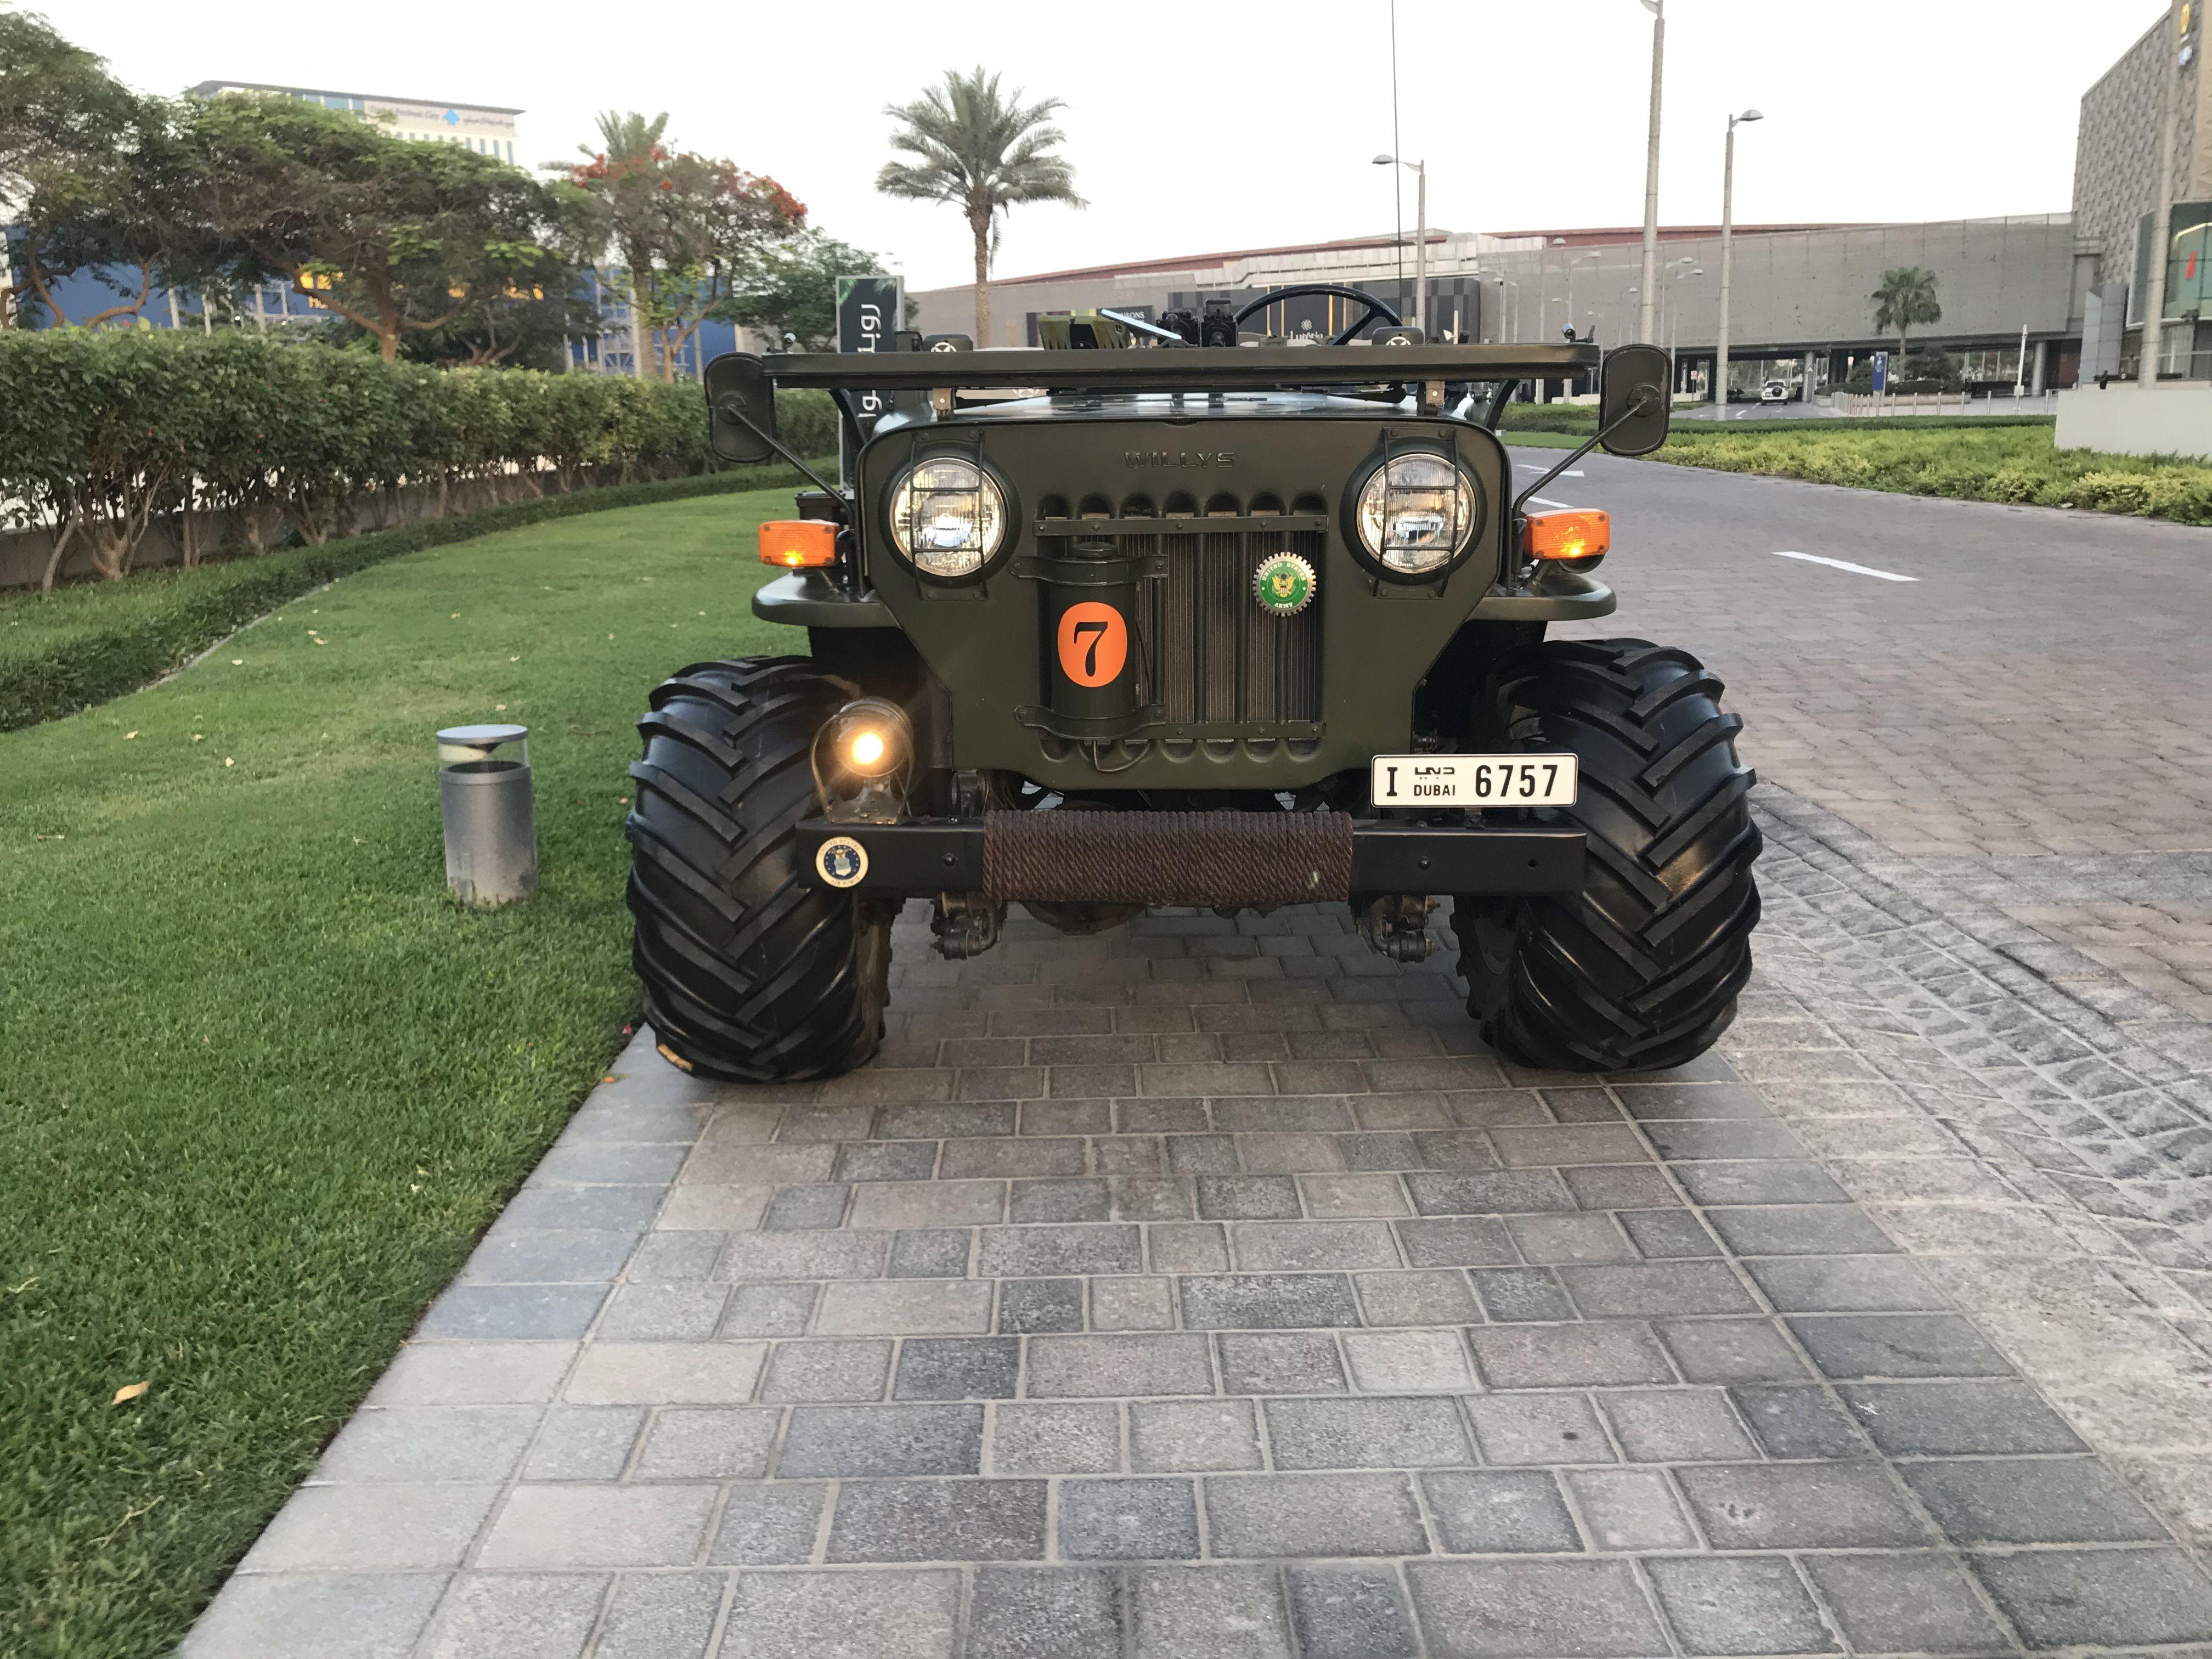 Pin by Willysdubai on Jeep willys dubai Jeep cj, Willys